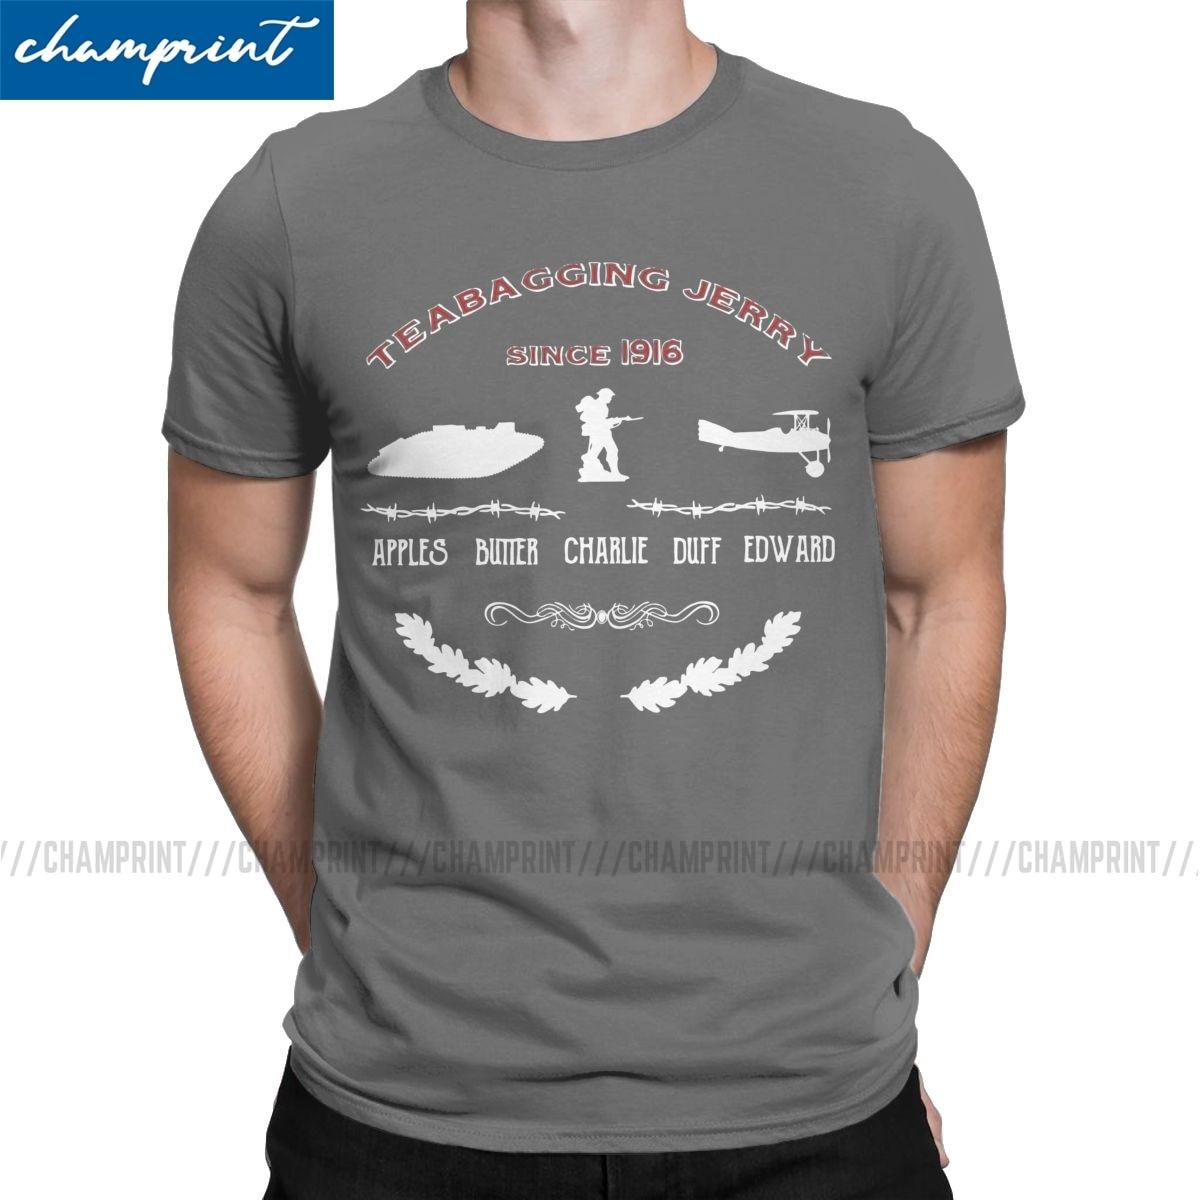 T-shirts masculino battlefield teabagging incrível t manga curta batalha campo guerra atirador jogos t camisas crewneck roupas verão